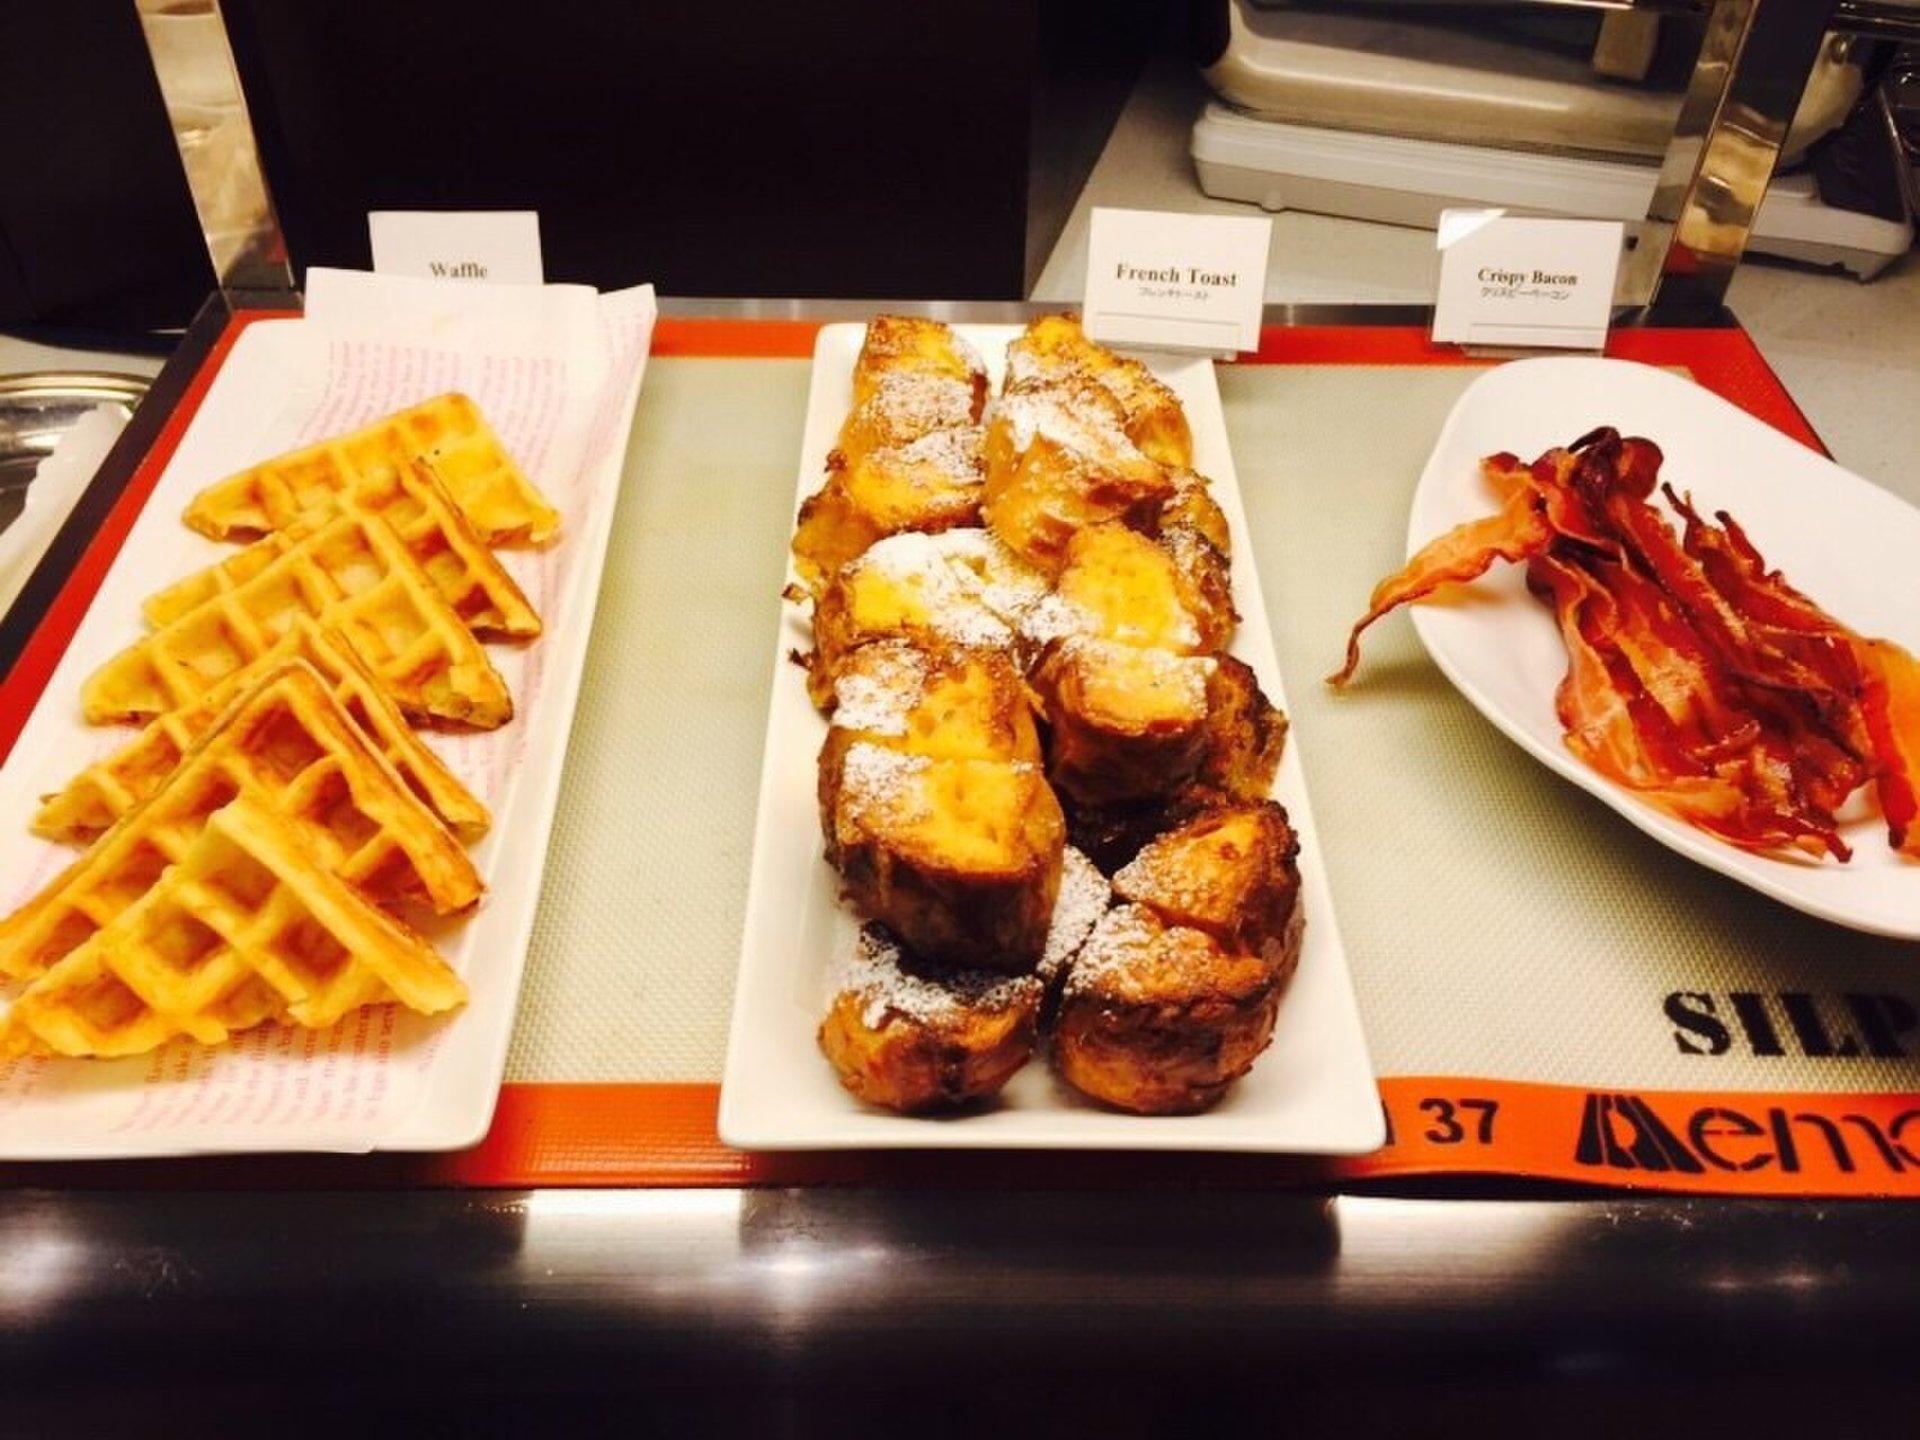 渋谷の朝はホテルでビュッフェ♪たまごがたっぷりしみ込んだフレンチトーストが美味しい!